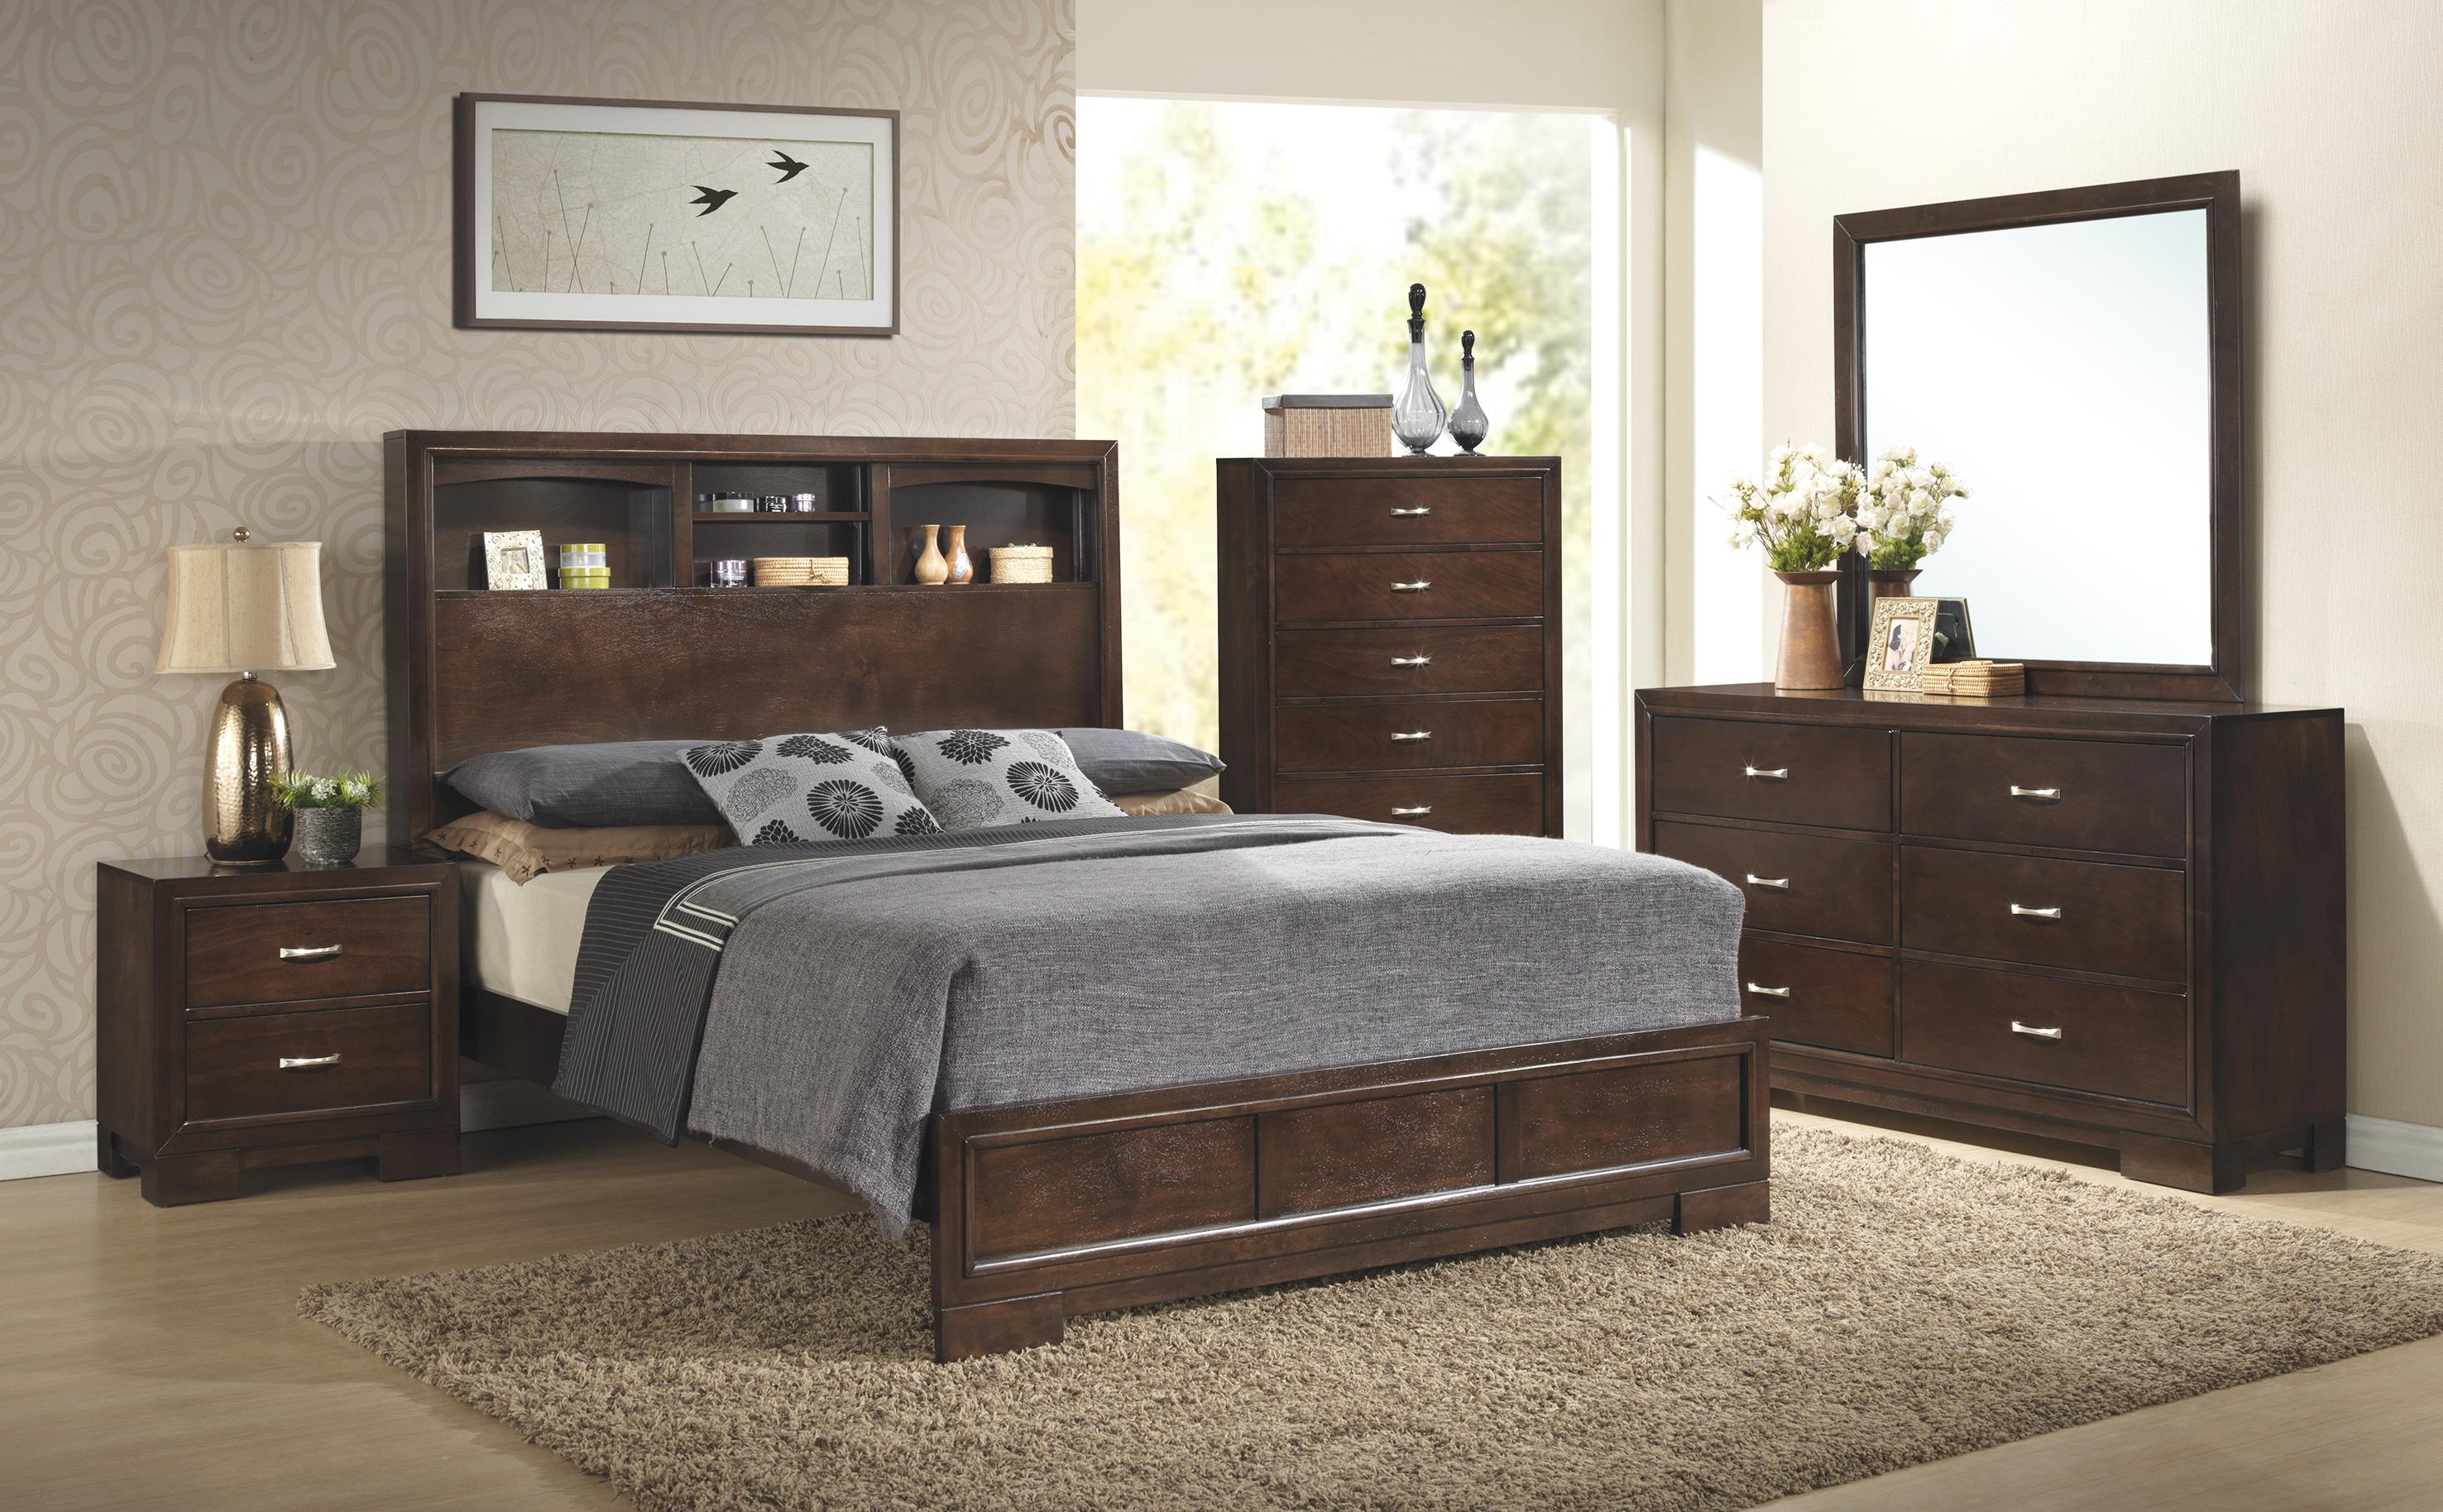 Image Result For Crown Mark Bedroom